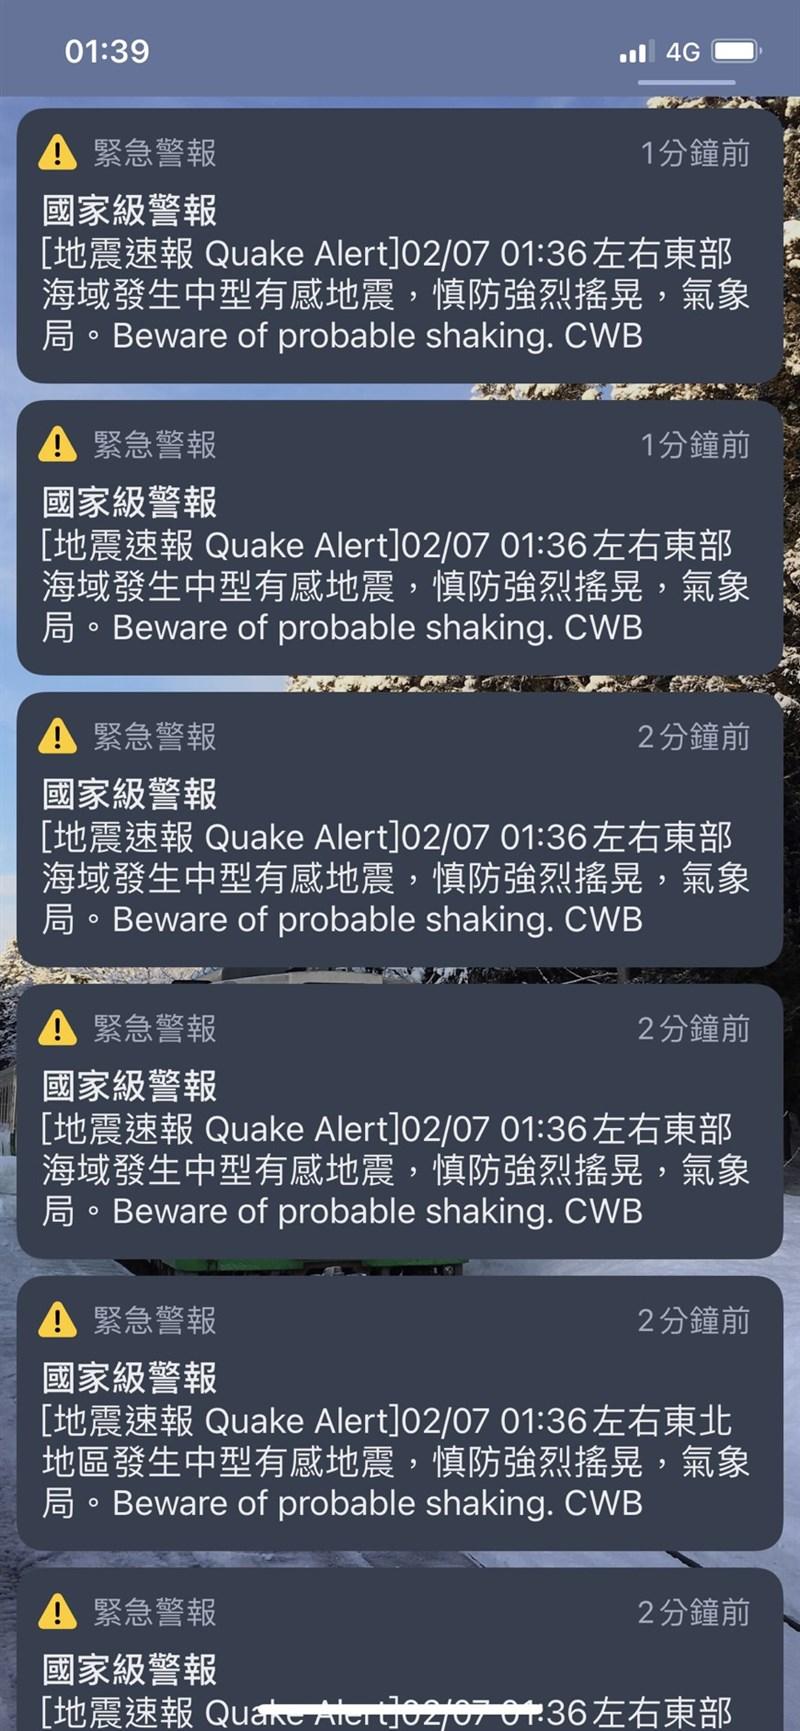 1 以下 地震 速報 震度 緊急地震速報